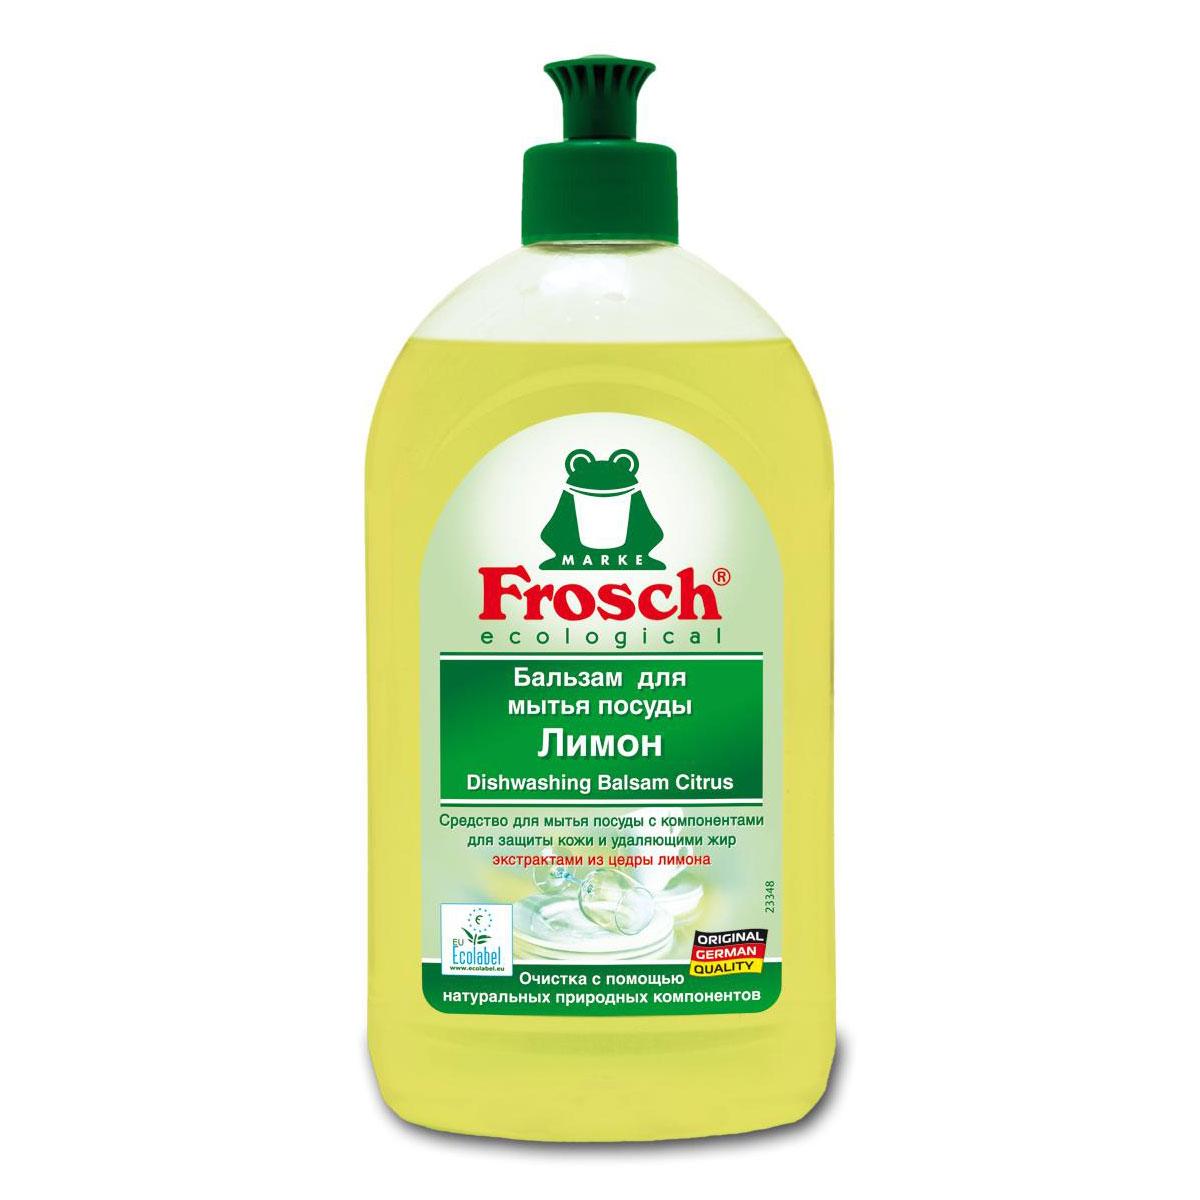 Купить Бытовая химия и Хозтовары Бальзам Frosch для мытья посуды 0,5 л лимон  Бальзам Frosch для мытья посуды 0,5 л лимон